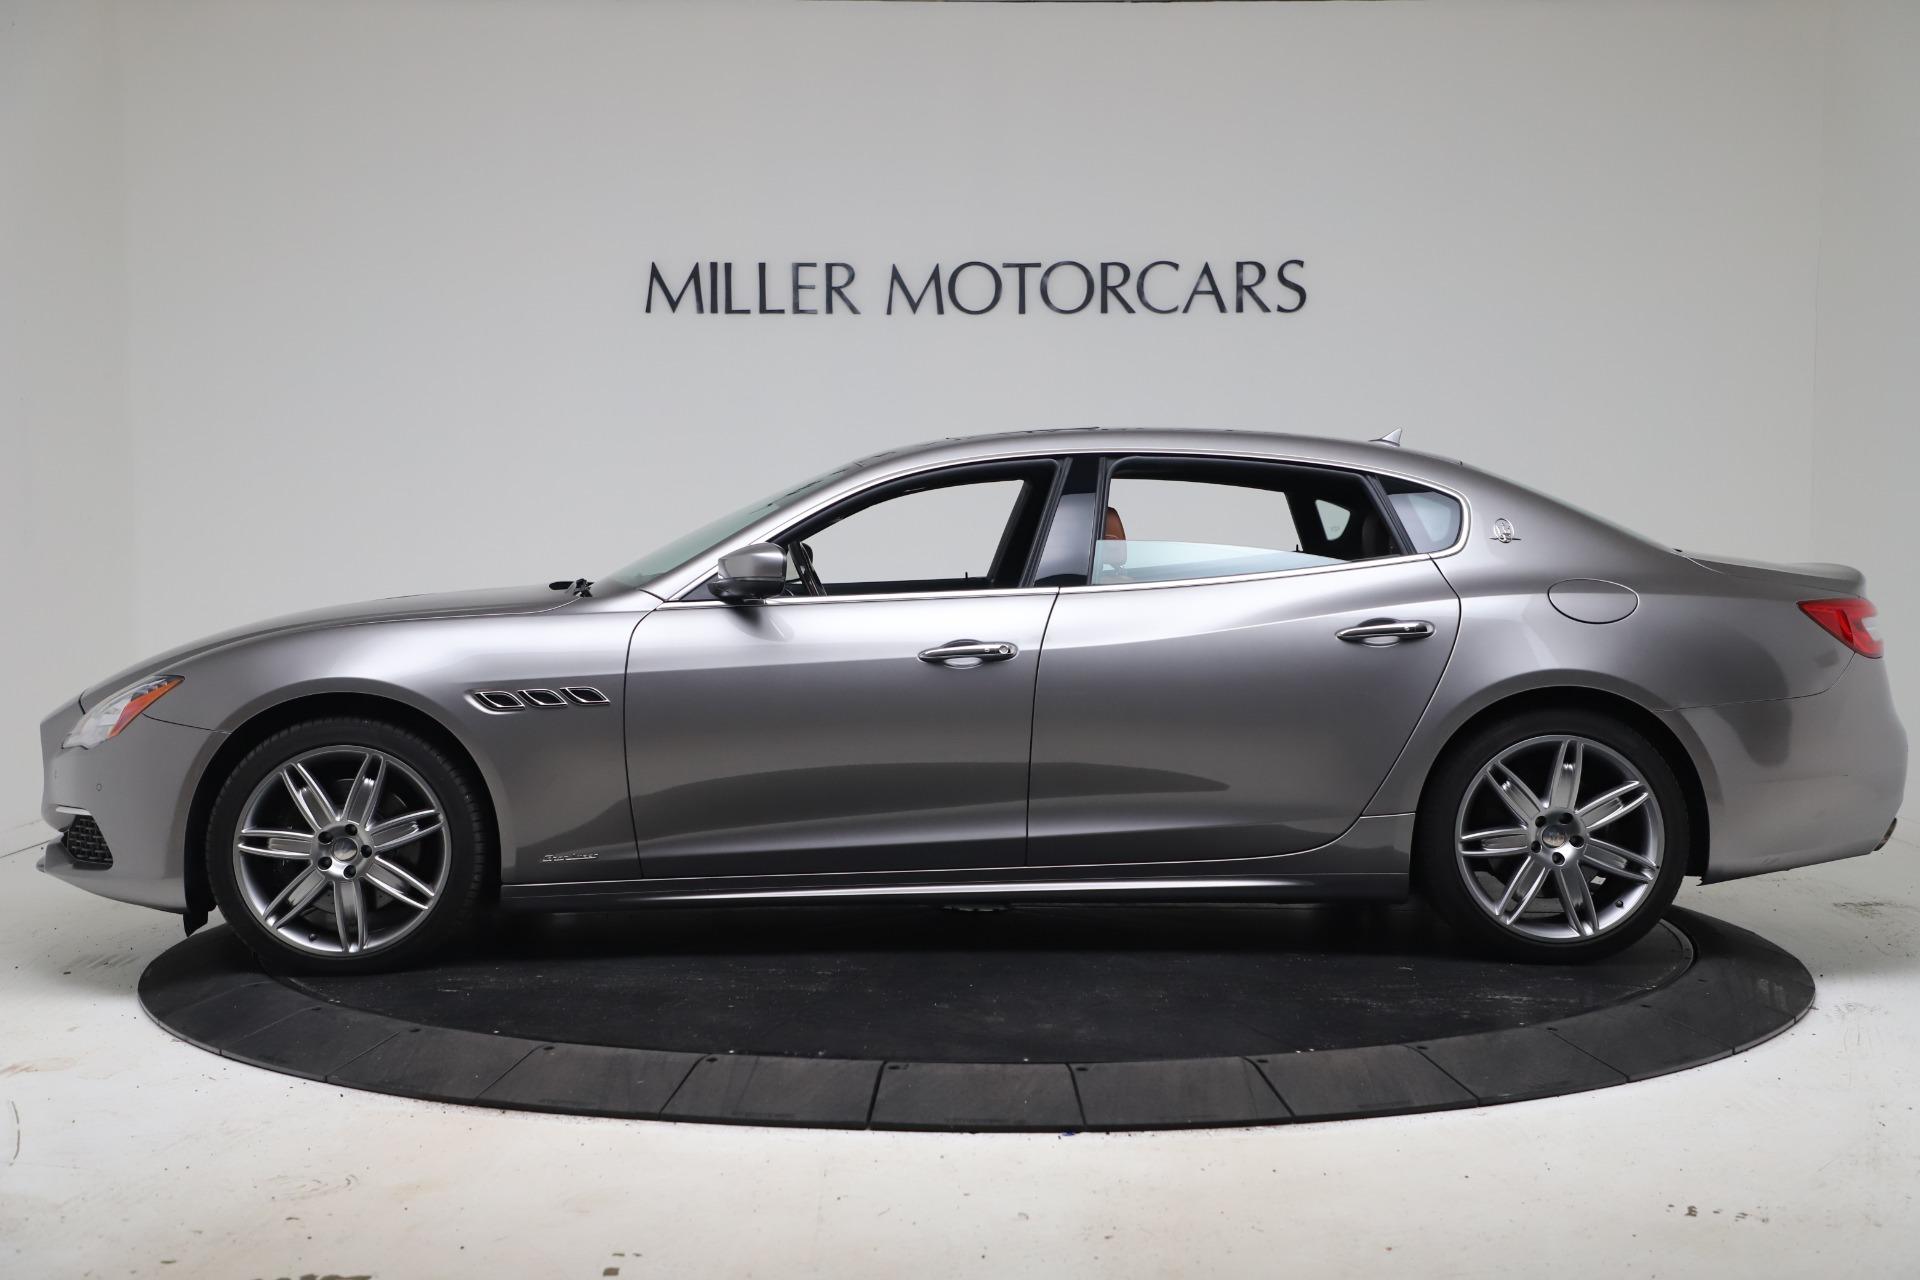 New 2017 Maserati Quattroporte SQ4 GranLusso/ Zegna For Sale In Greenwich, CT 1355_p3